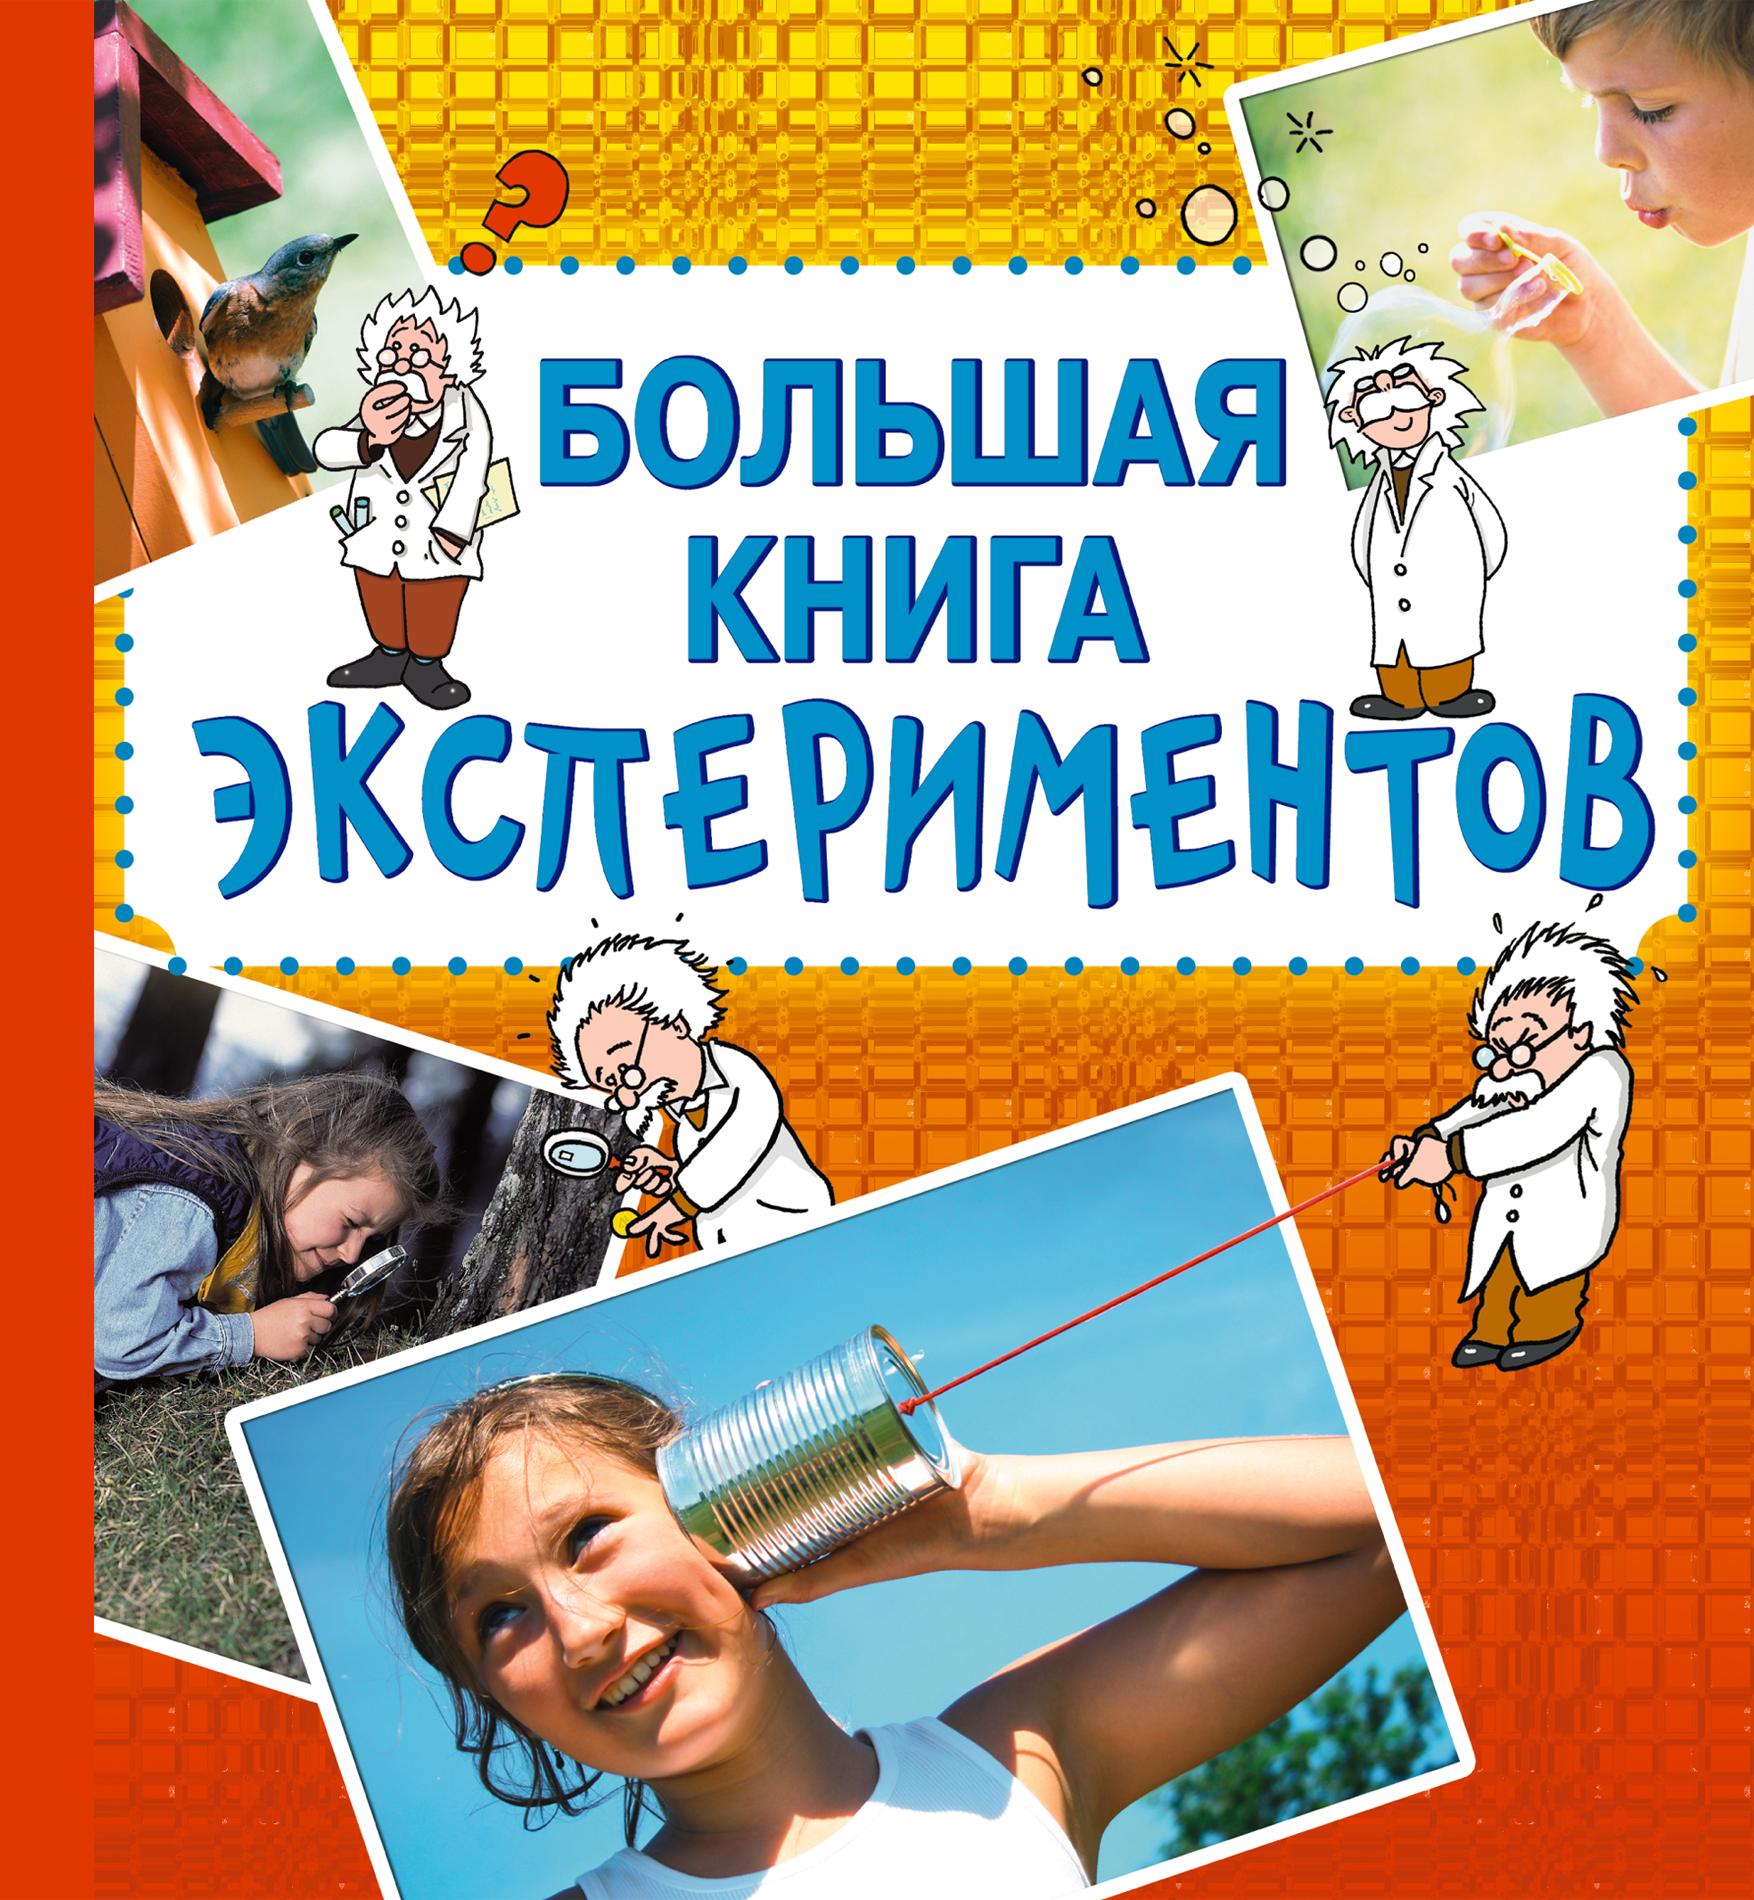 10+ Большая книга экспериментов